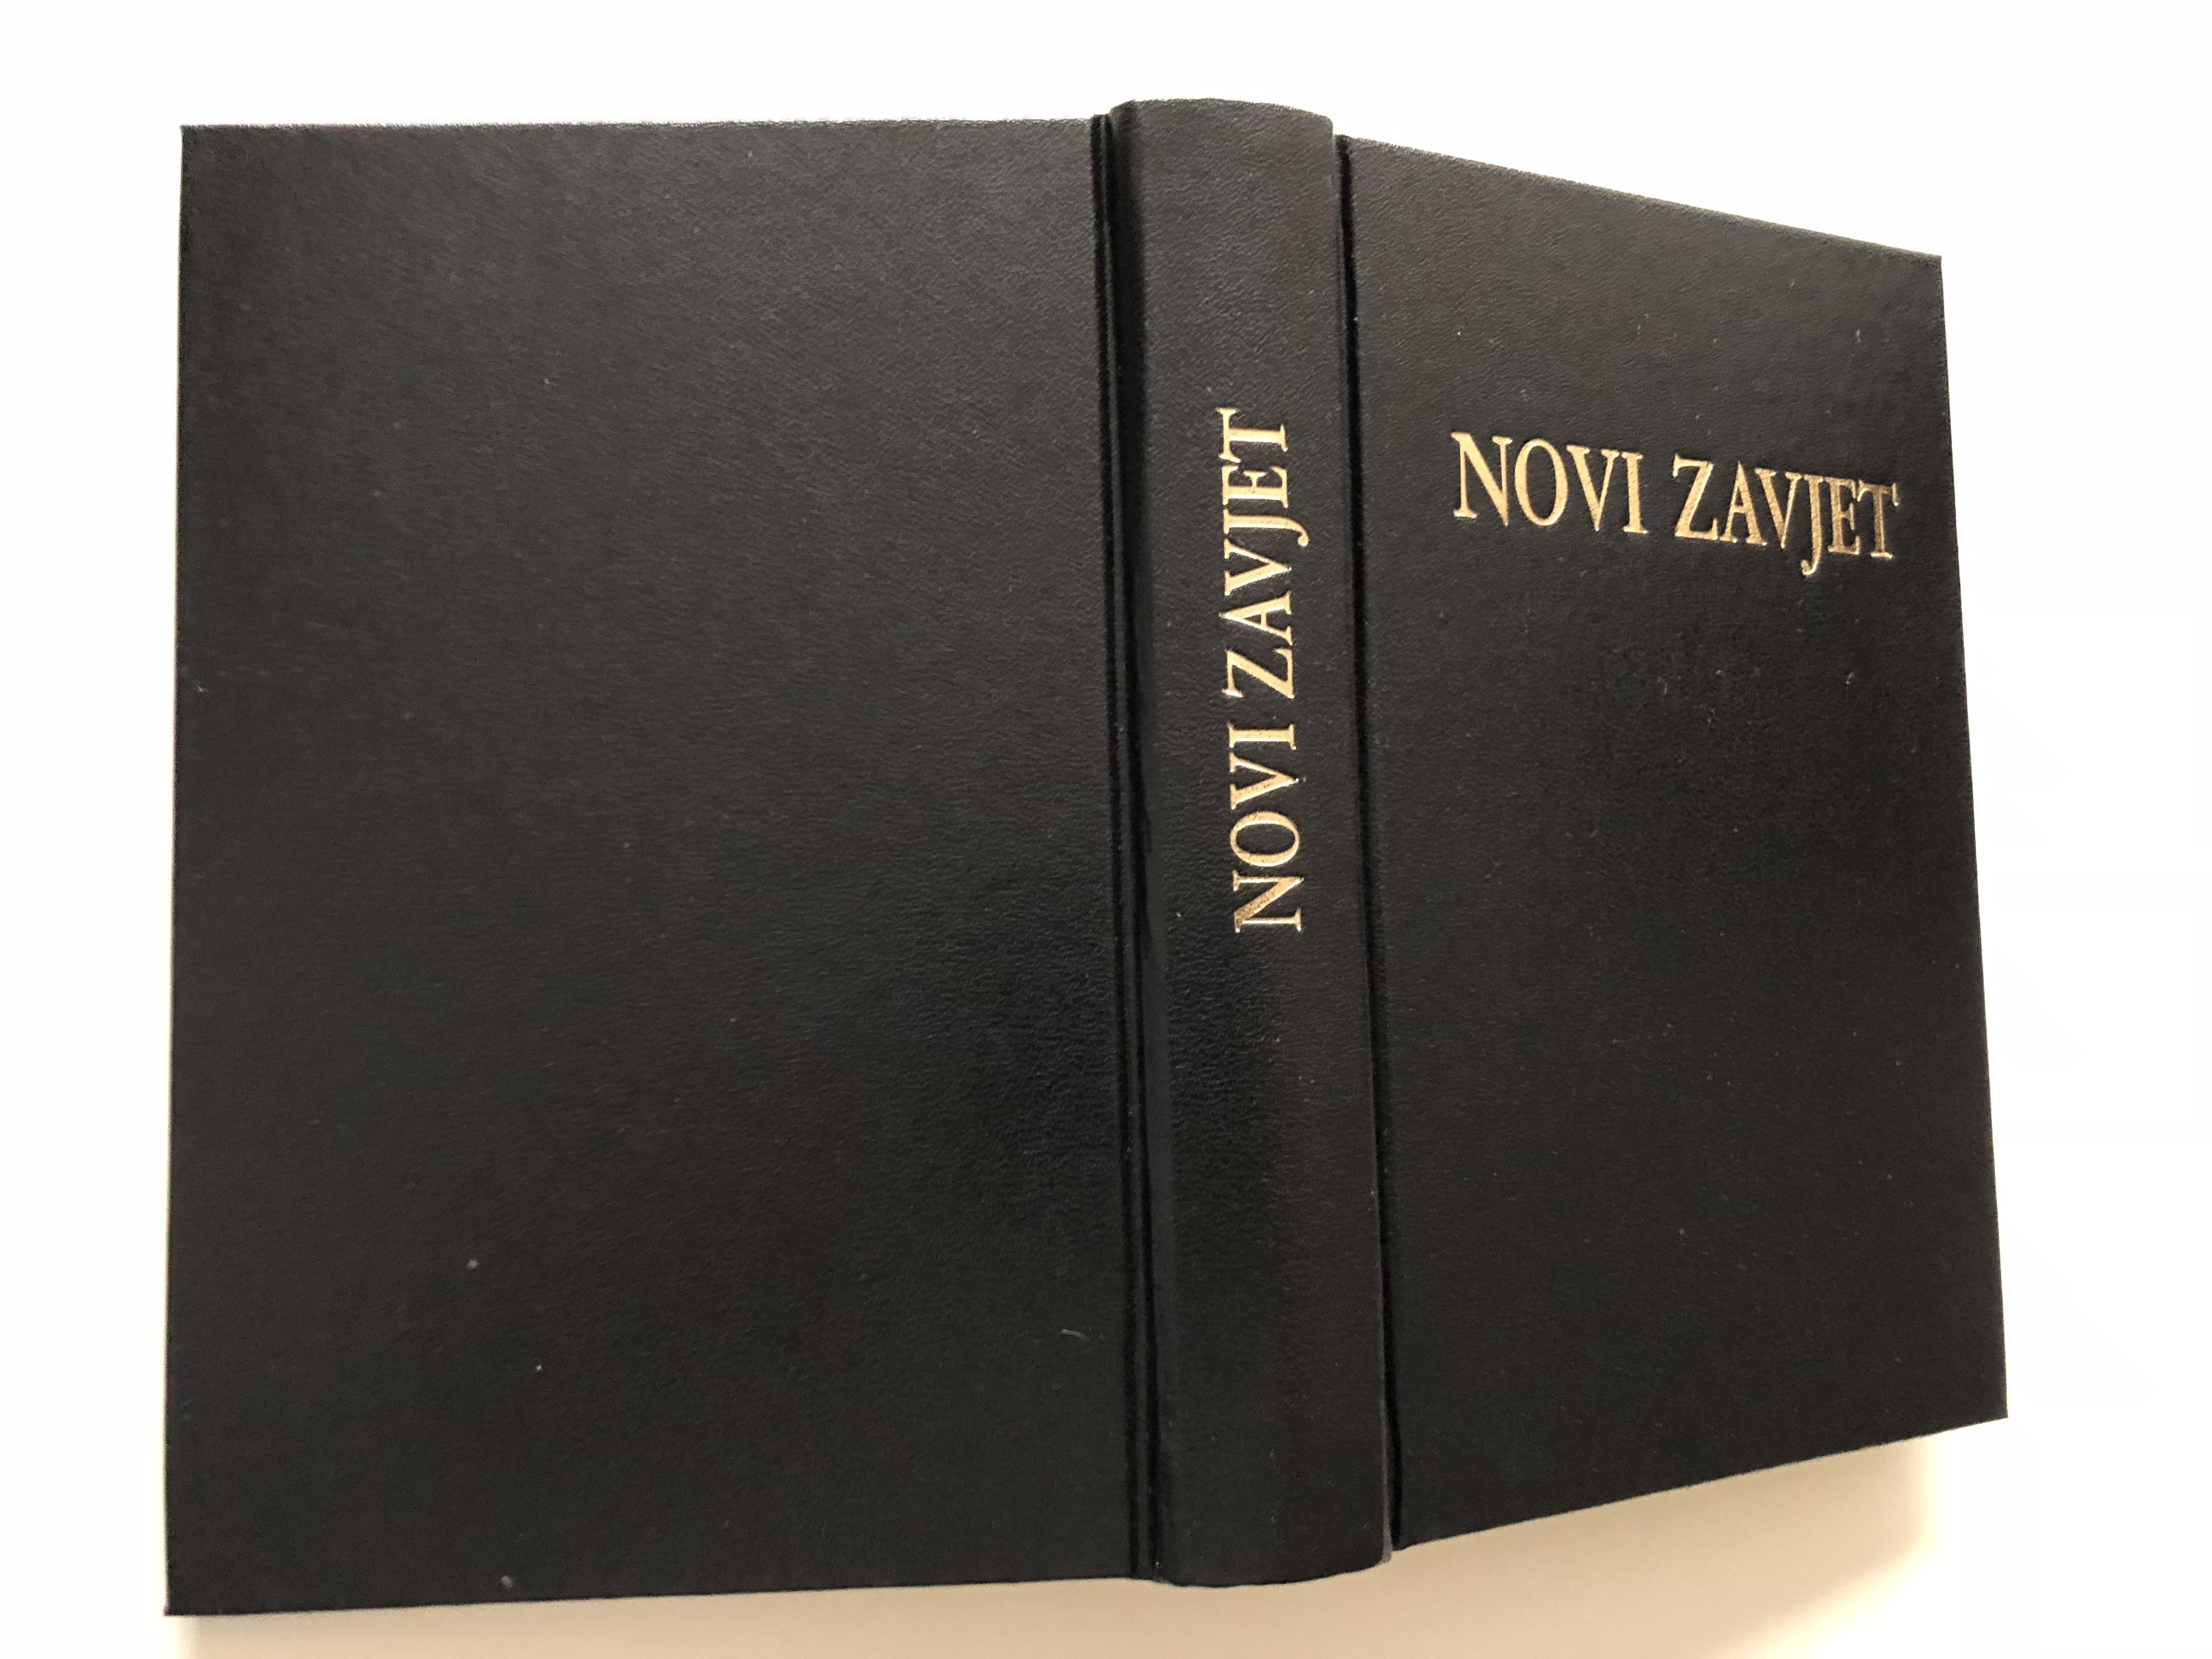 novi-zavjet-the-new-testament-in-croatian-language-hardcover-black-14-.jpg